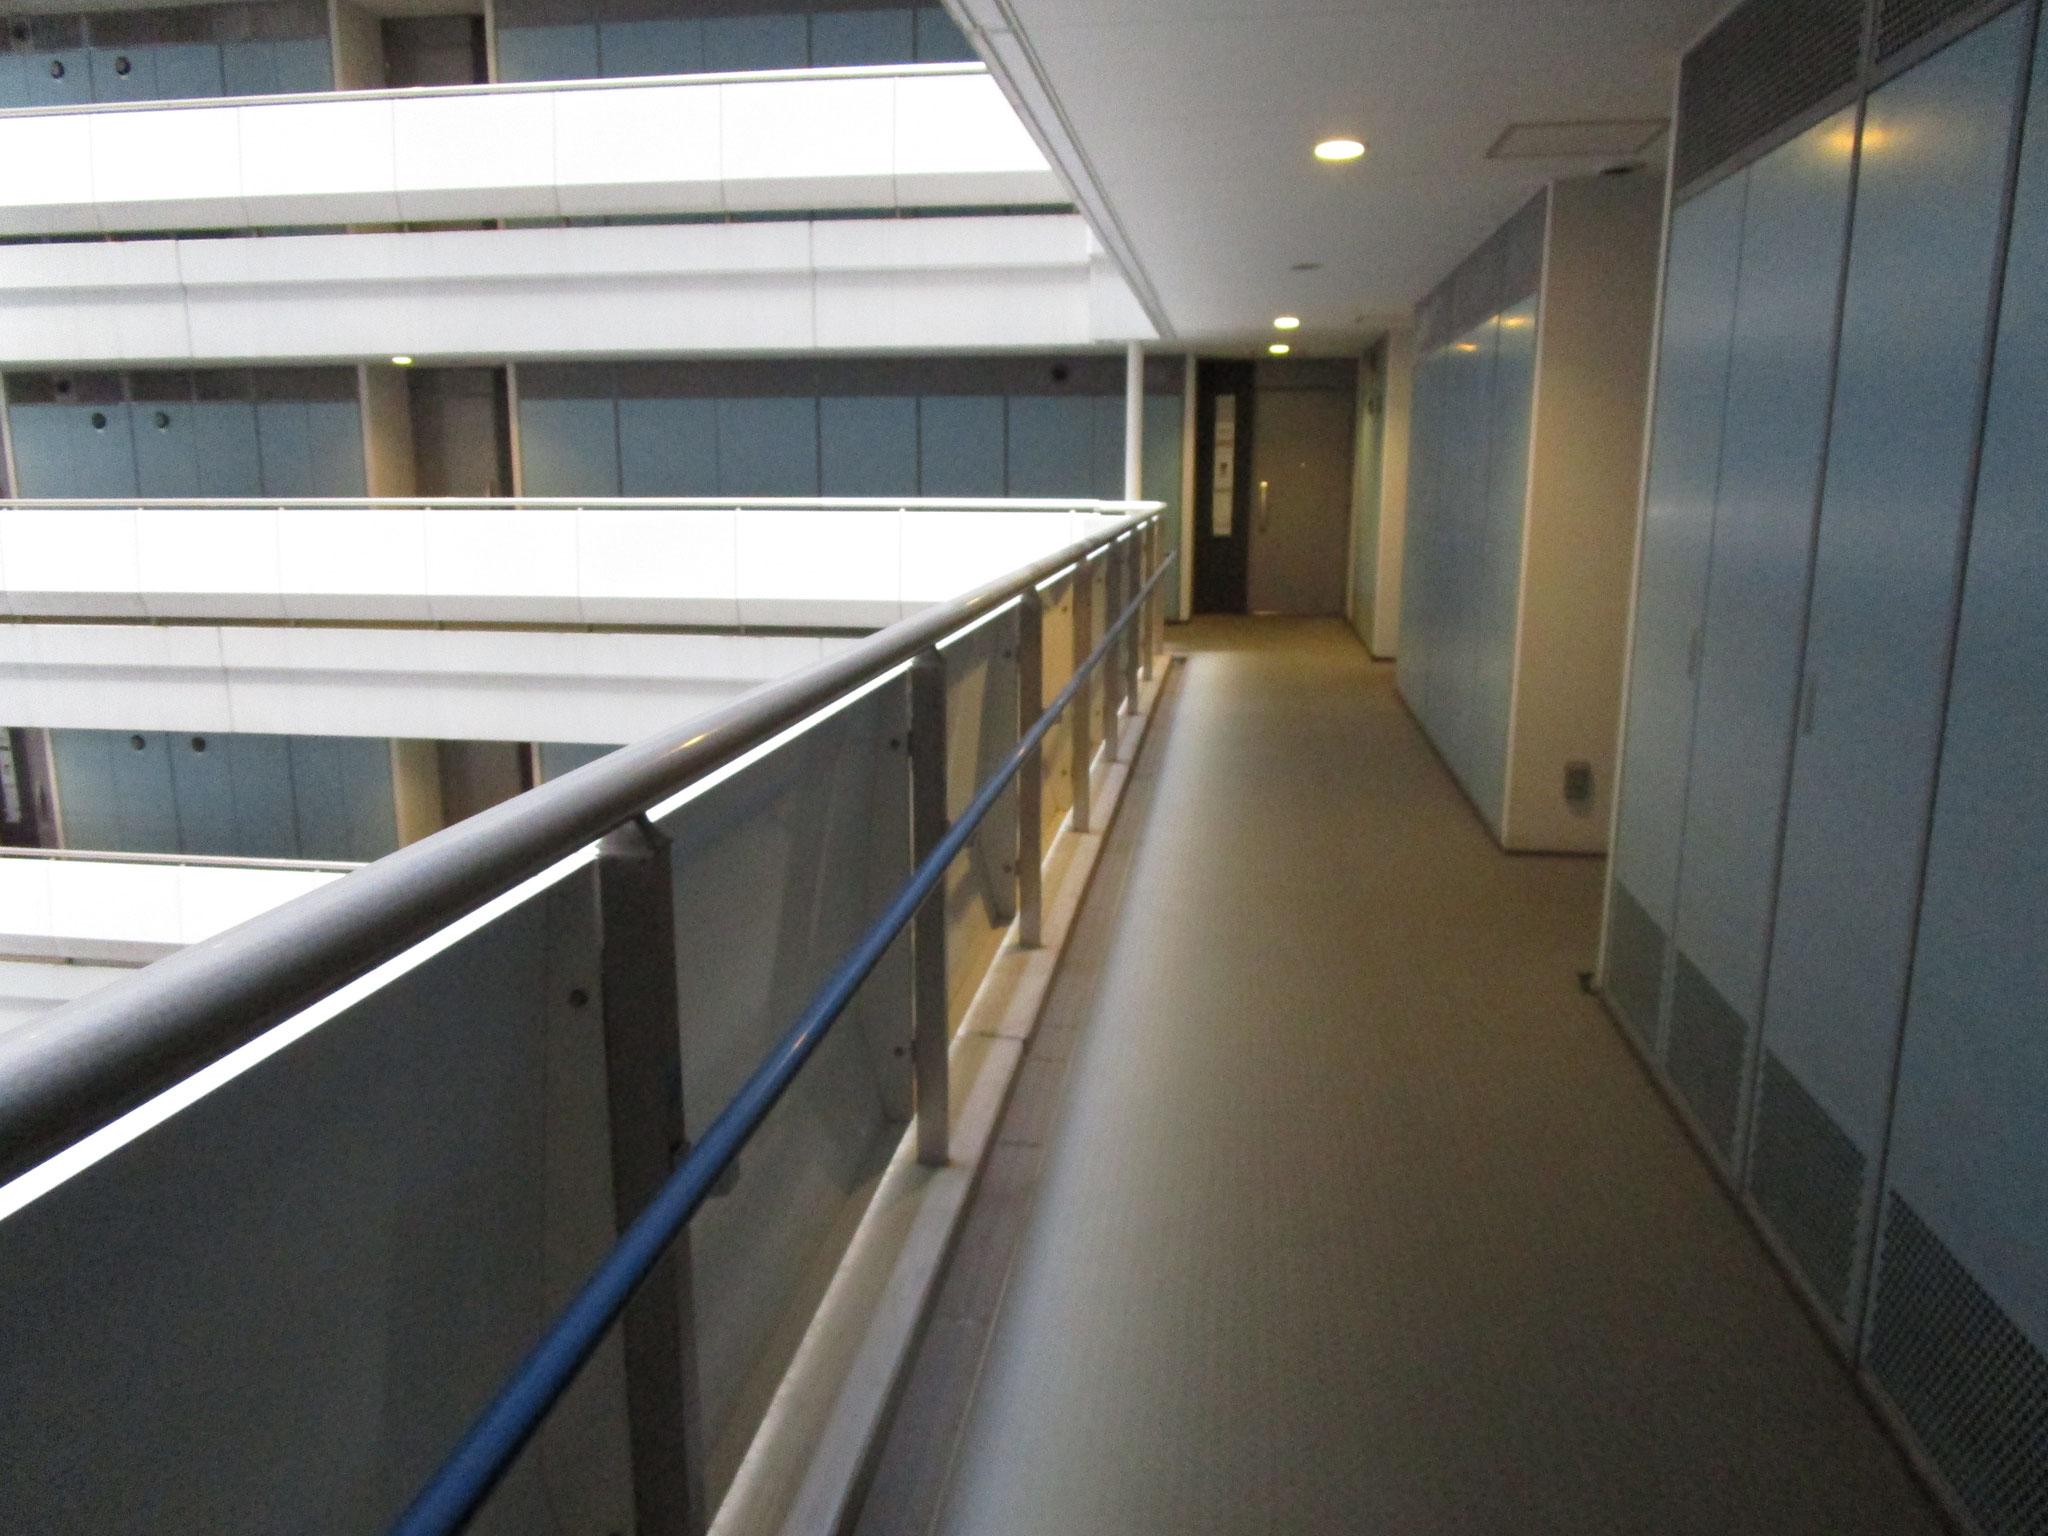 マンションの住居部分は内廊下で、中心は吹き抜けです